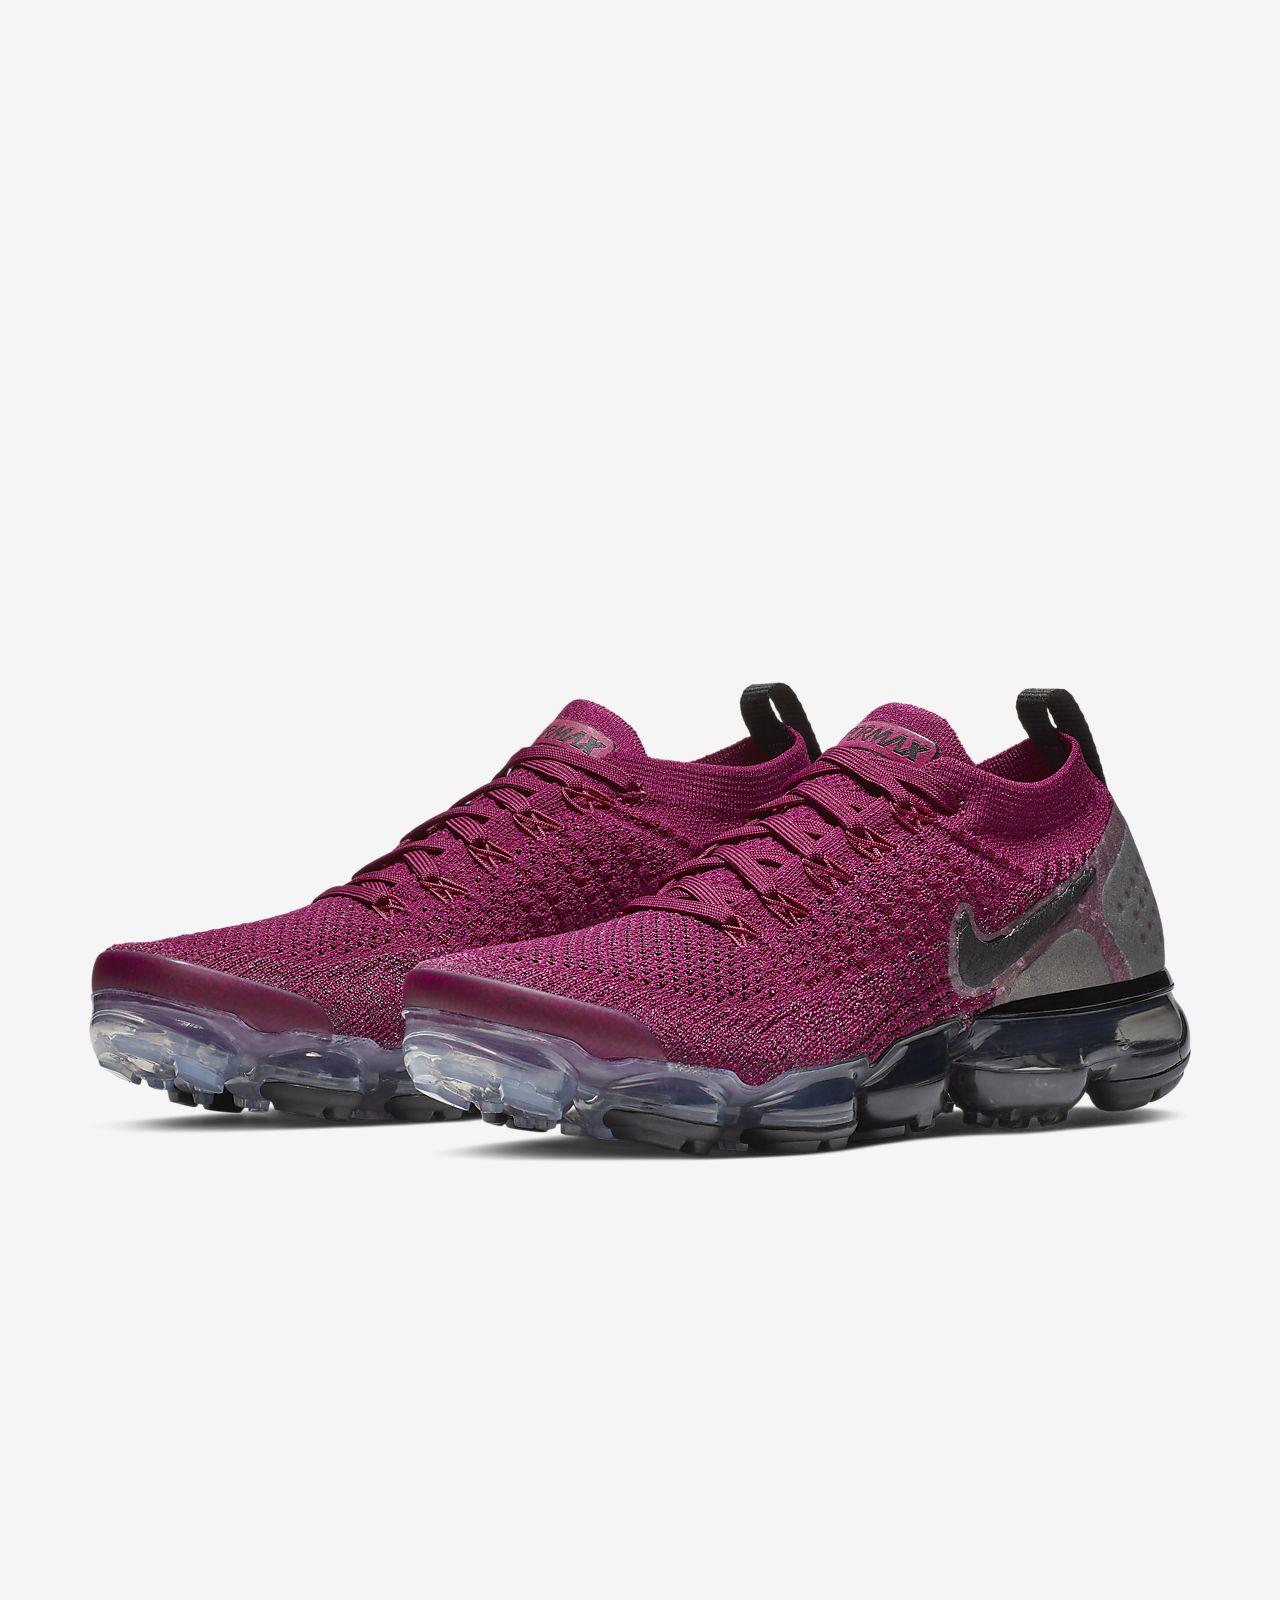 0a98f2cb718 Nike Air VaporMax Flyknit 2 Women s Shoe . Nike.com